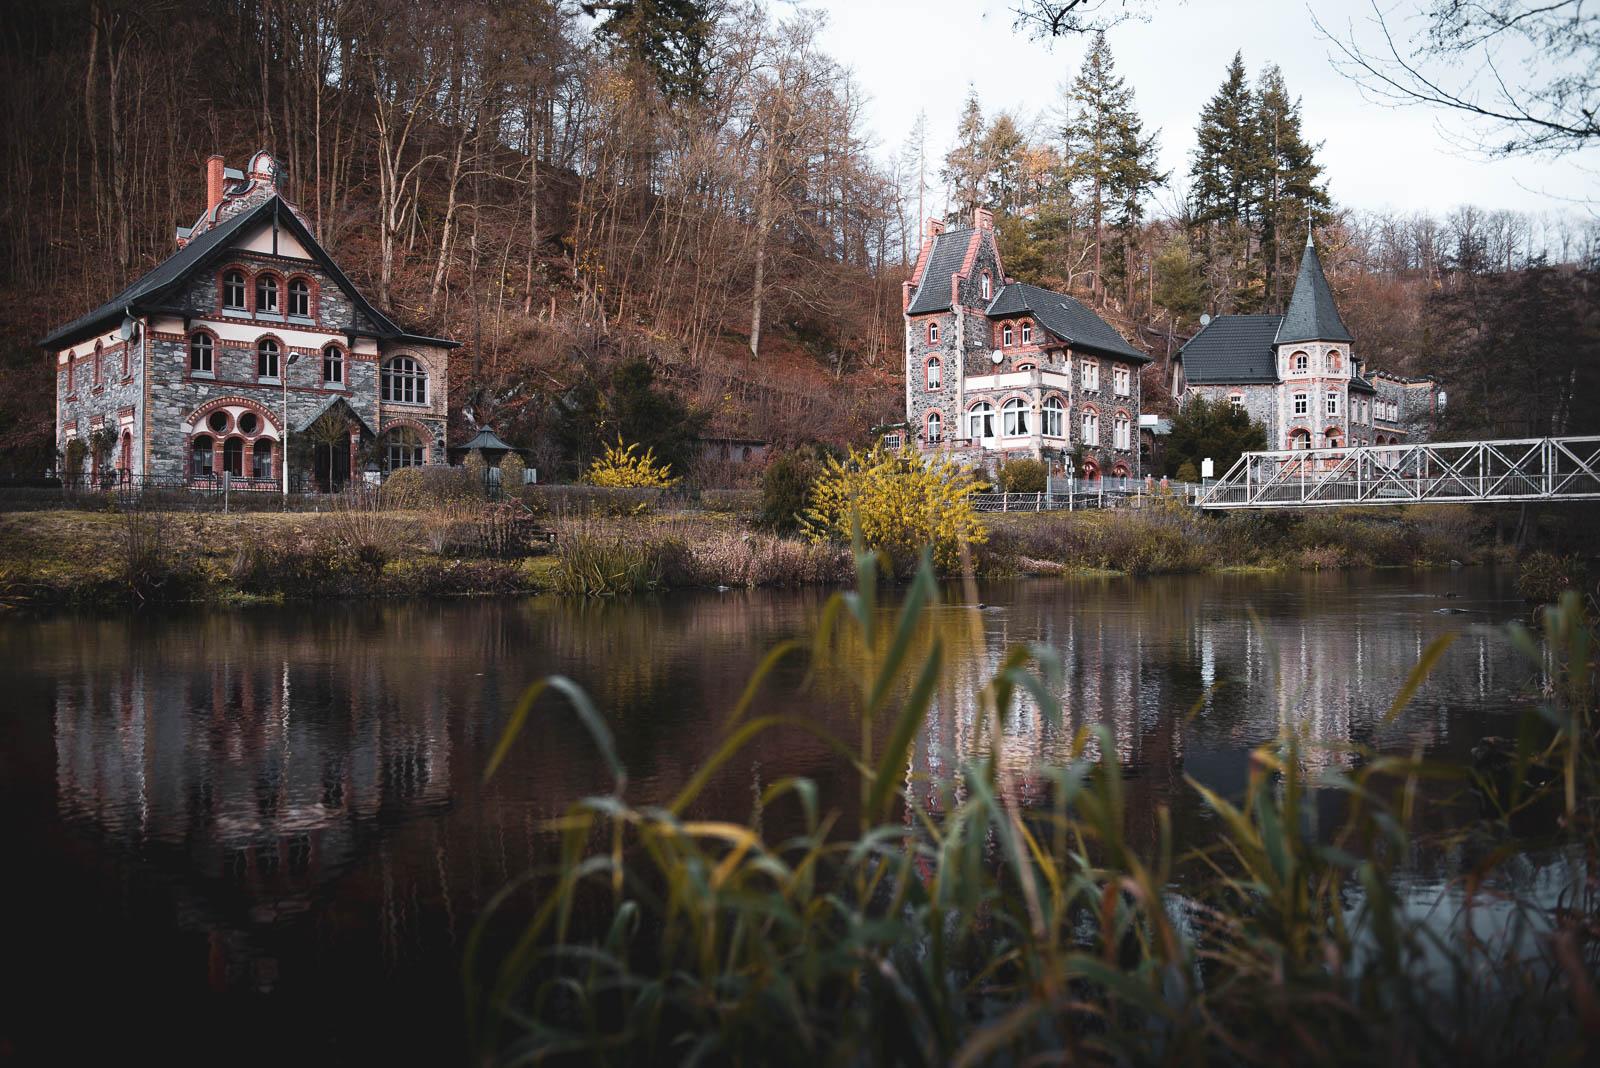 Hotel Bodeblick in Treseburg